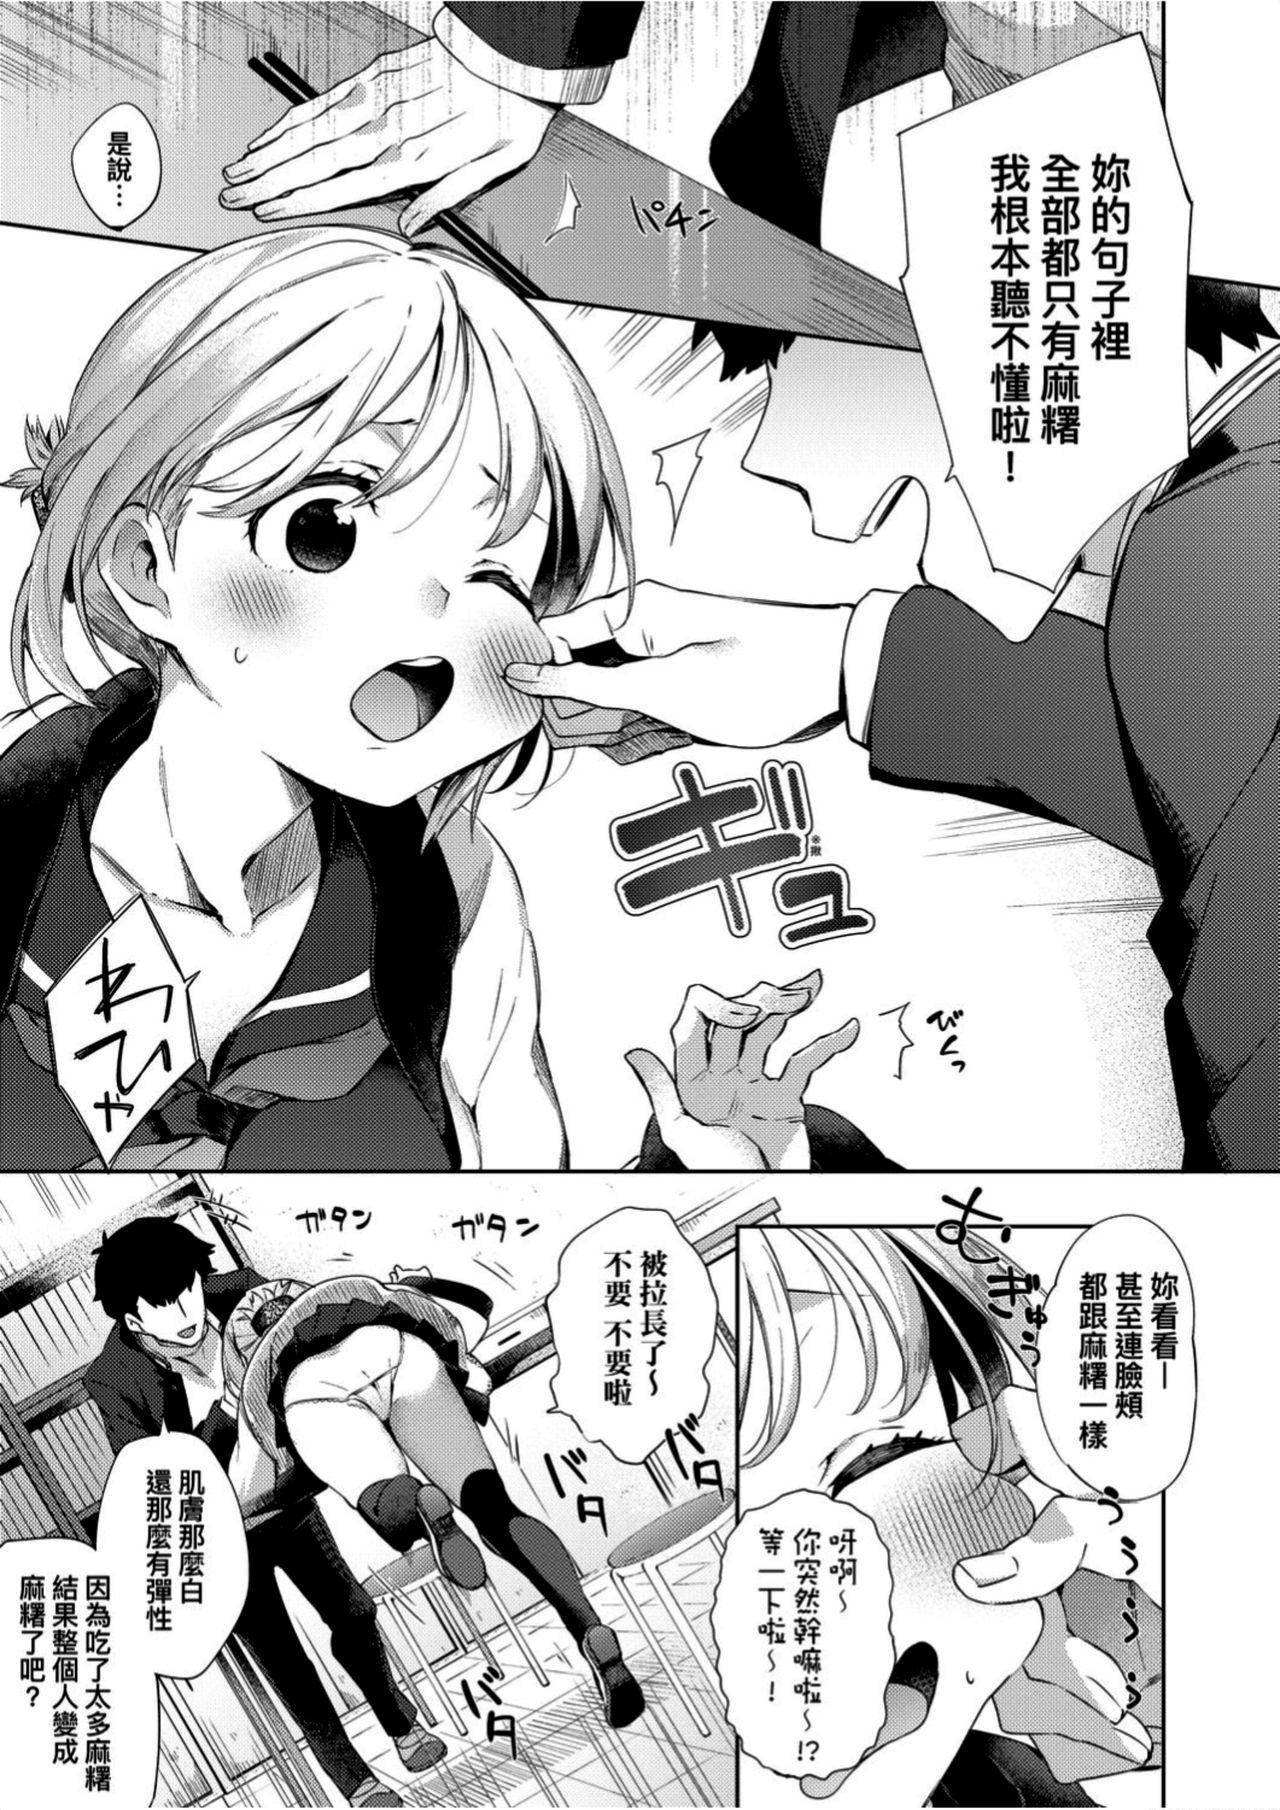 Echi Echi School Life 129